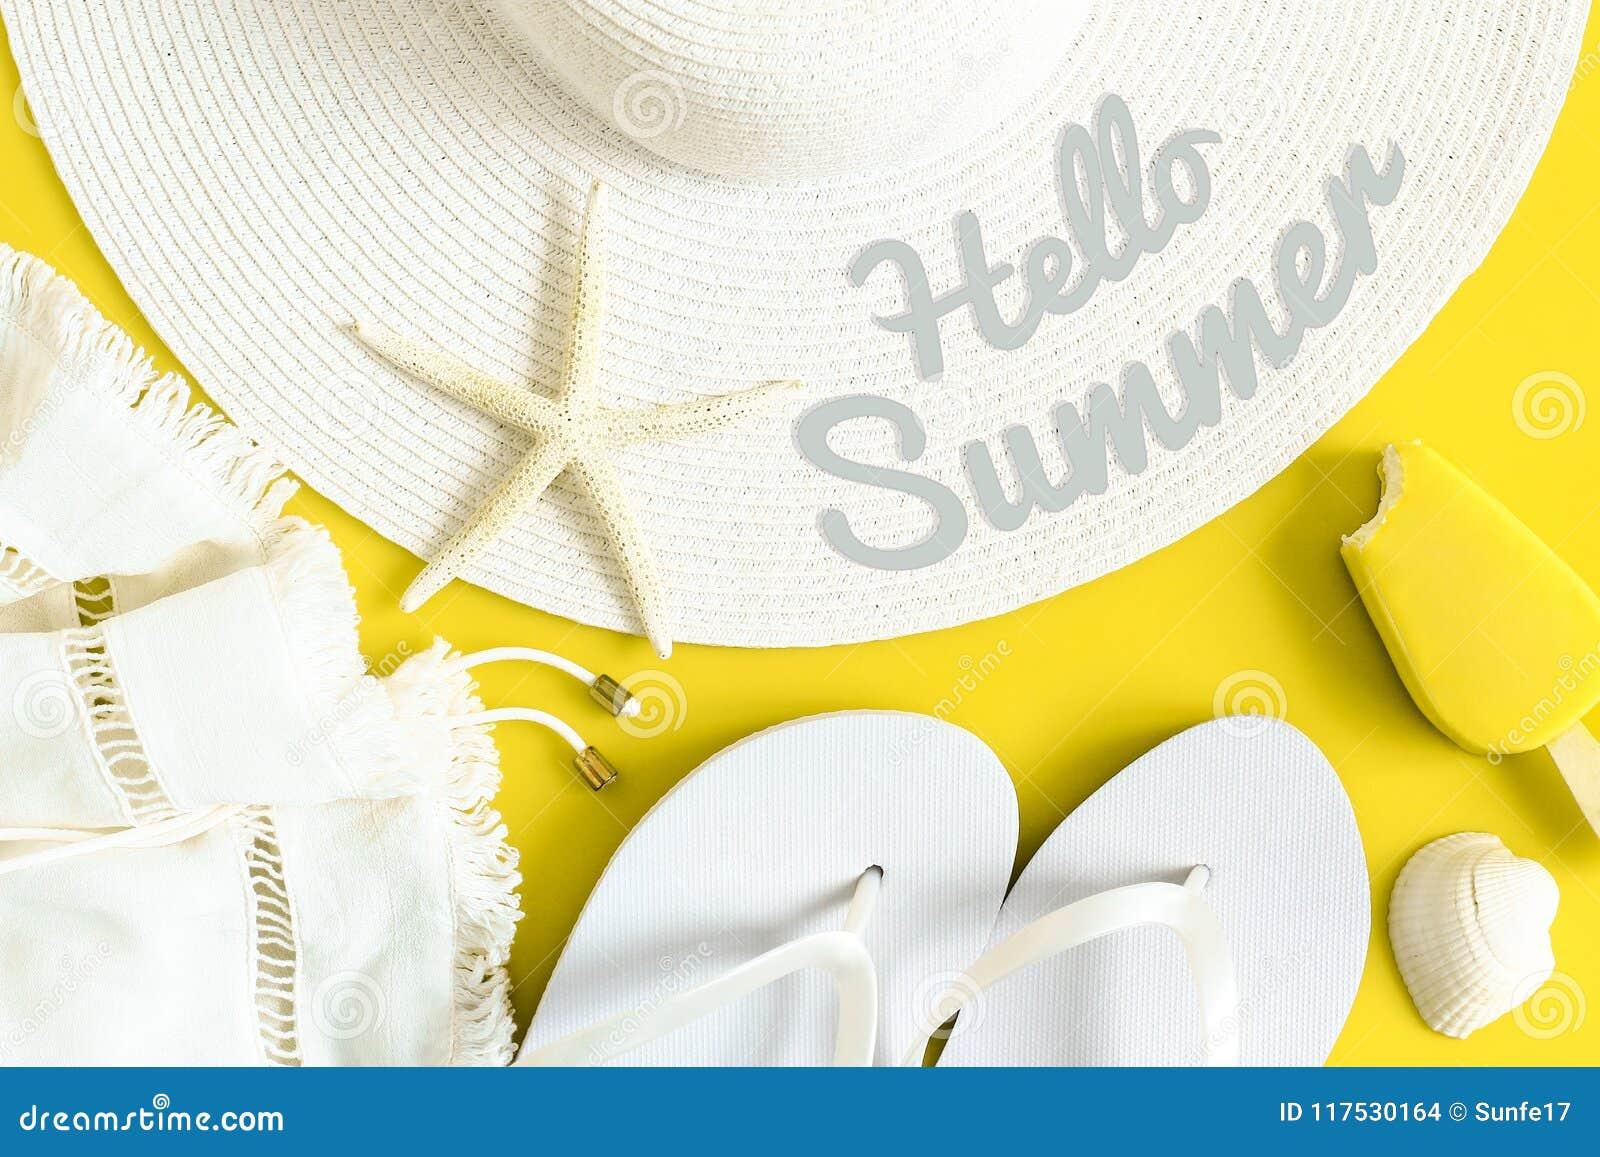 46f967d89cc Hello Summer Text On Sun Hat